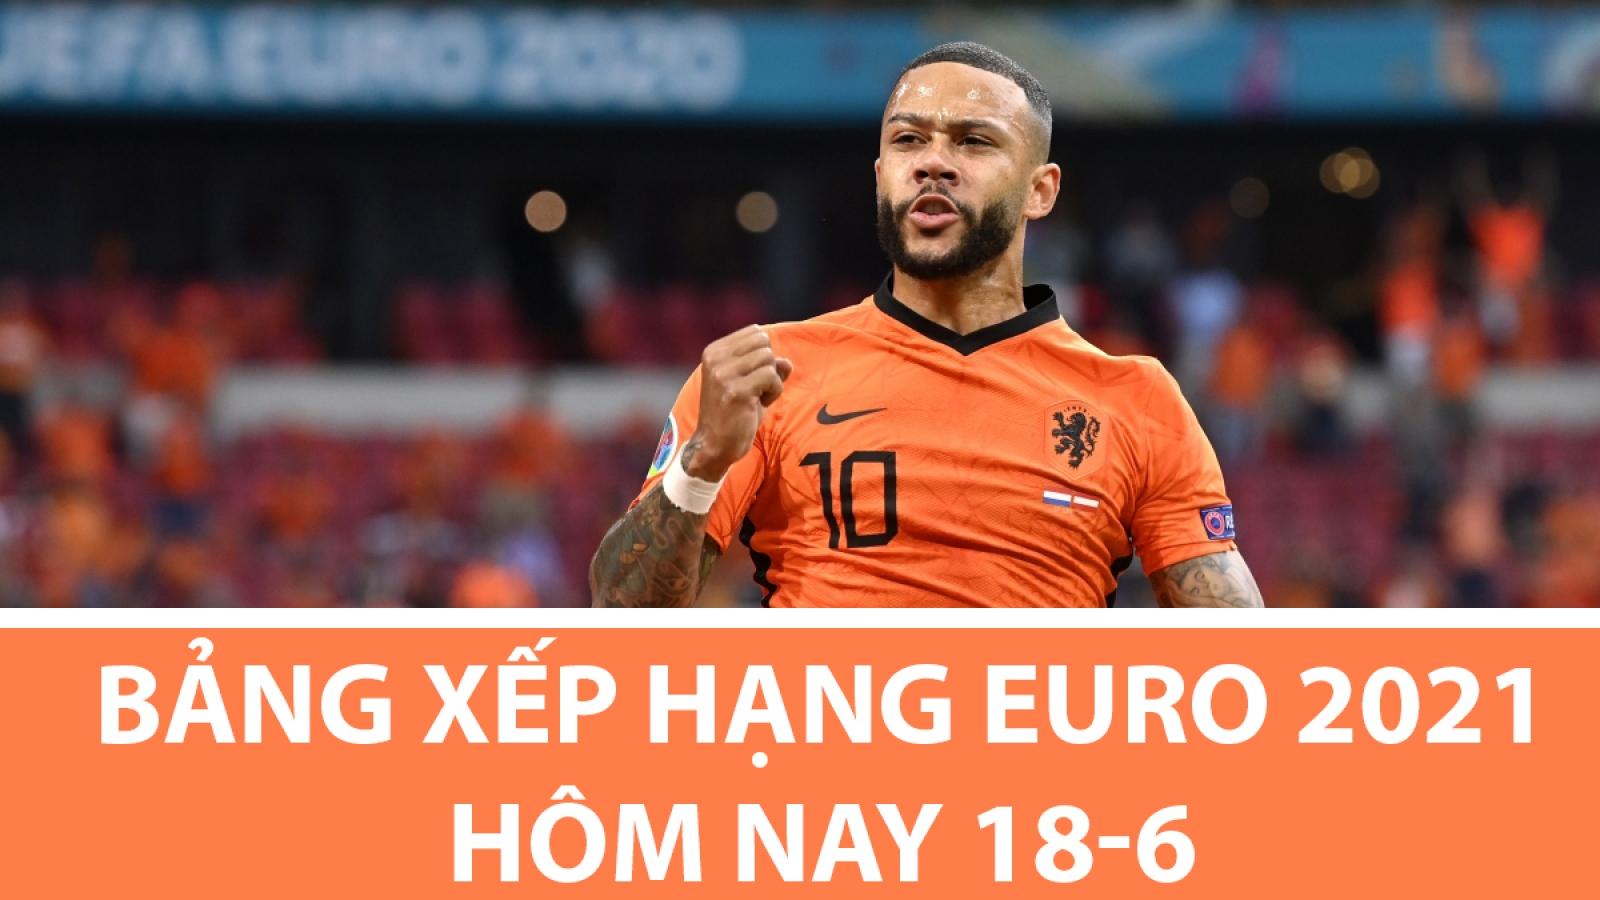 Bảng xếp hạng EURO 2021 hôm nay 18/6: Xác định 3 đội giành vé sớm